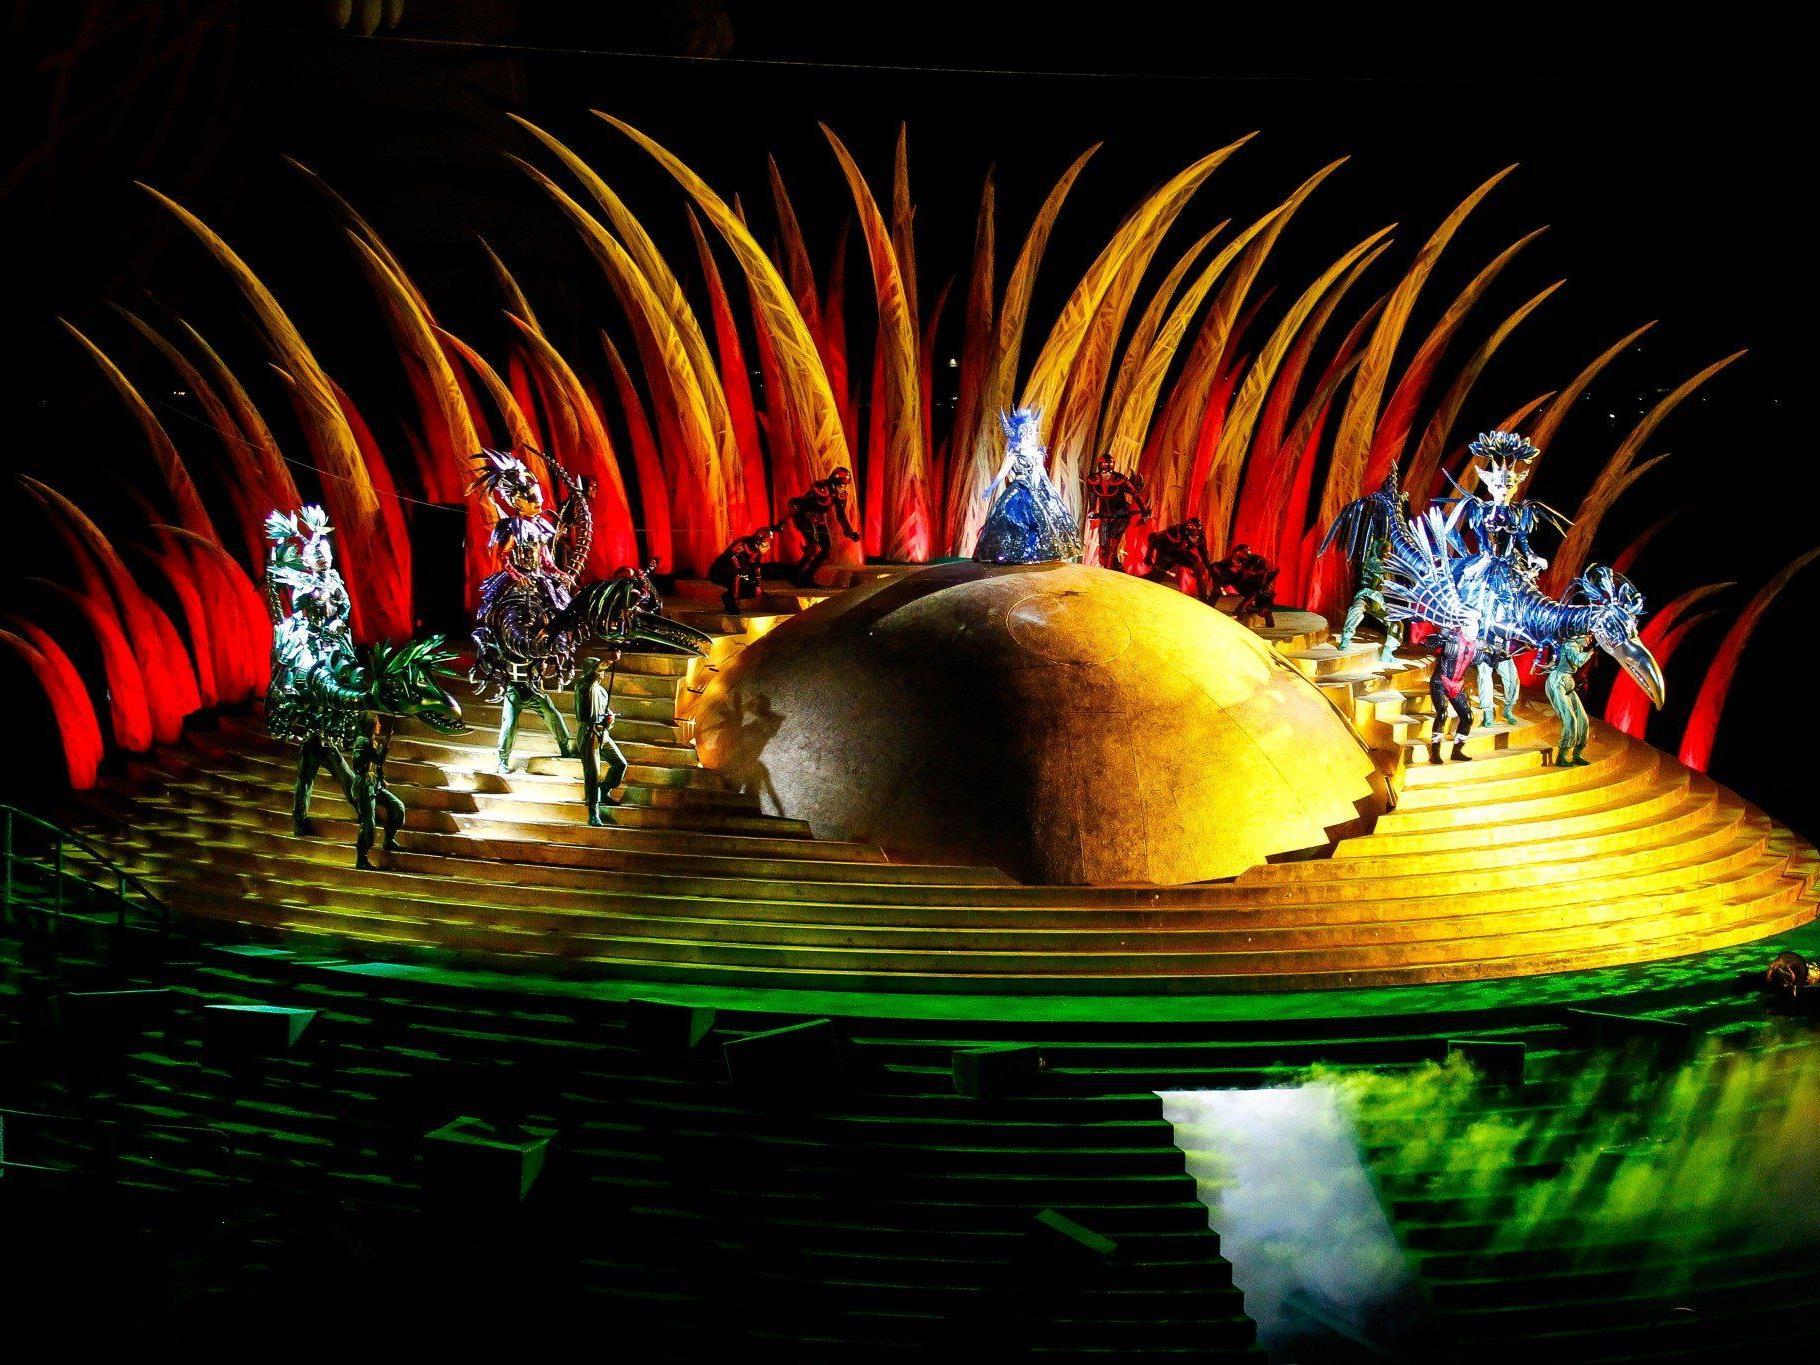 Die Bregenzer Festspiele sind ein sehr guter Umsatzbringer, sowohl für Hotels und Lokale, den Handel oder auch Bauunternehmen.